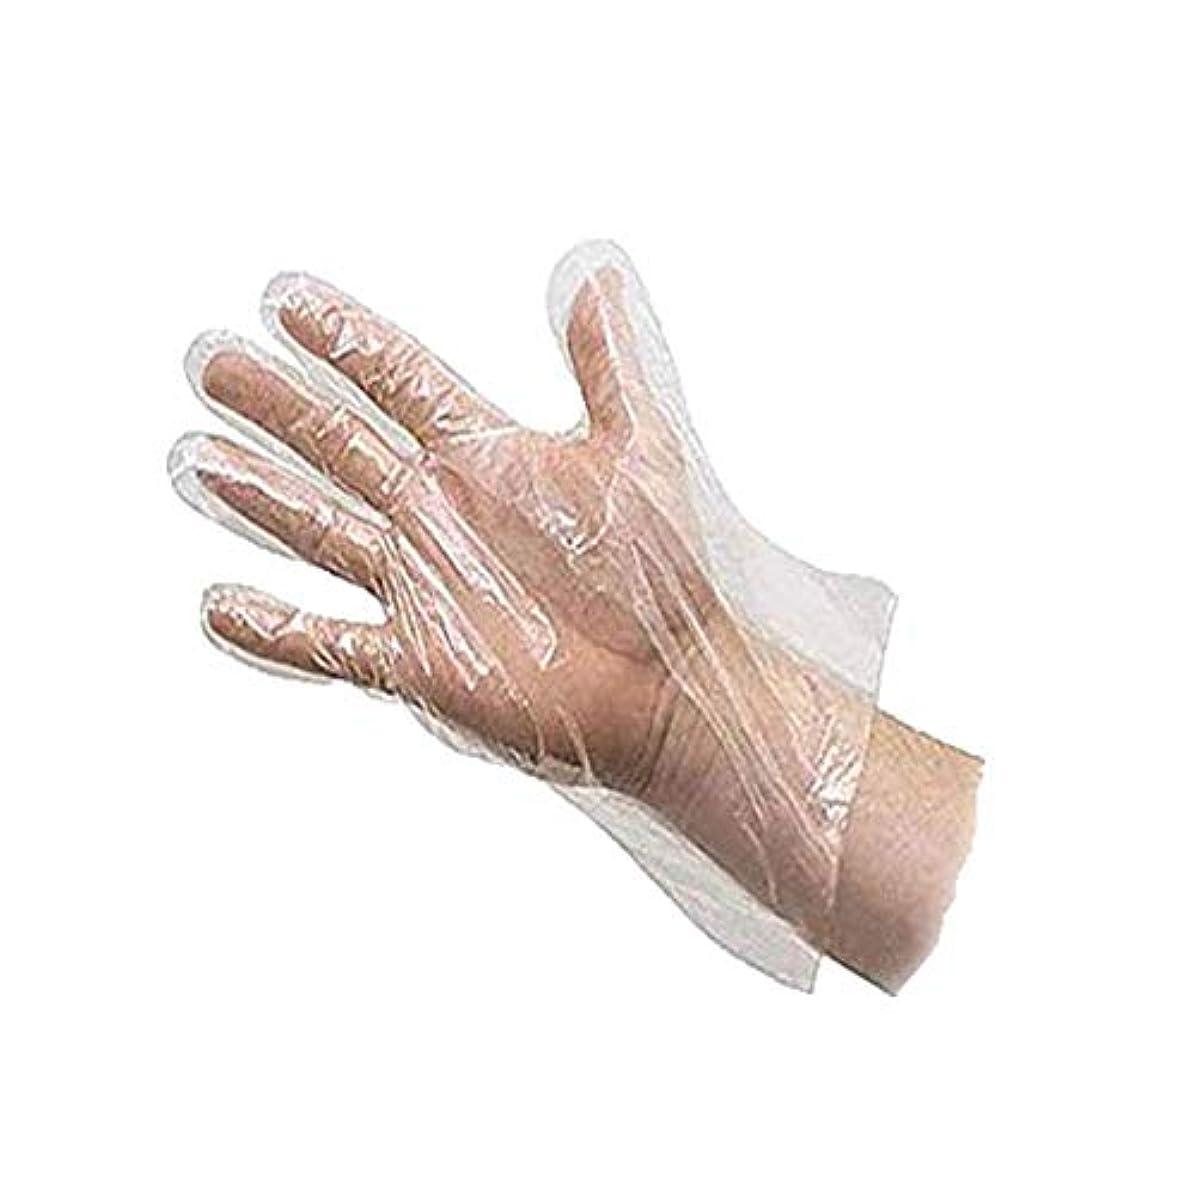 輸送ドライバ敬礼UCCU プレミアム 使い捨て手袋 調理用 食品 プラスチック ホワイト 粉なし 食品衛生 透明 左右兼用 薄型 ビニール極薄手袋 100枚入り 便利